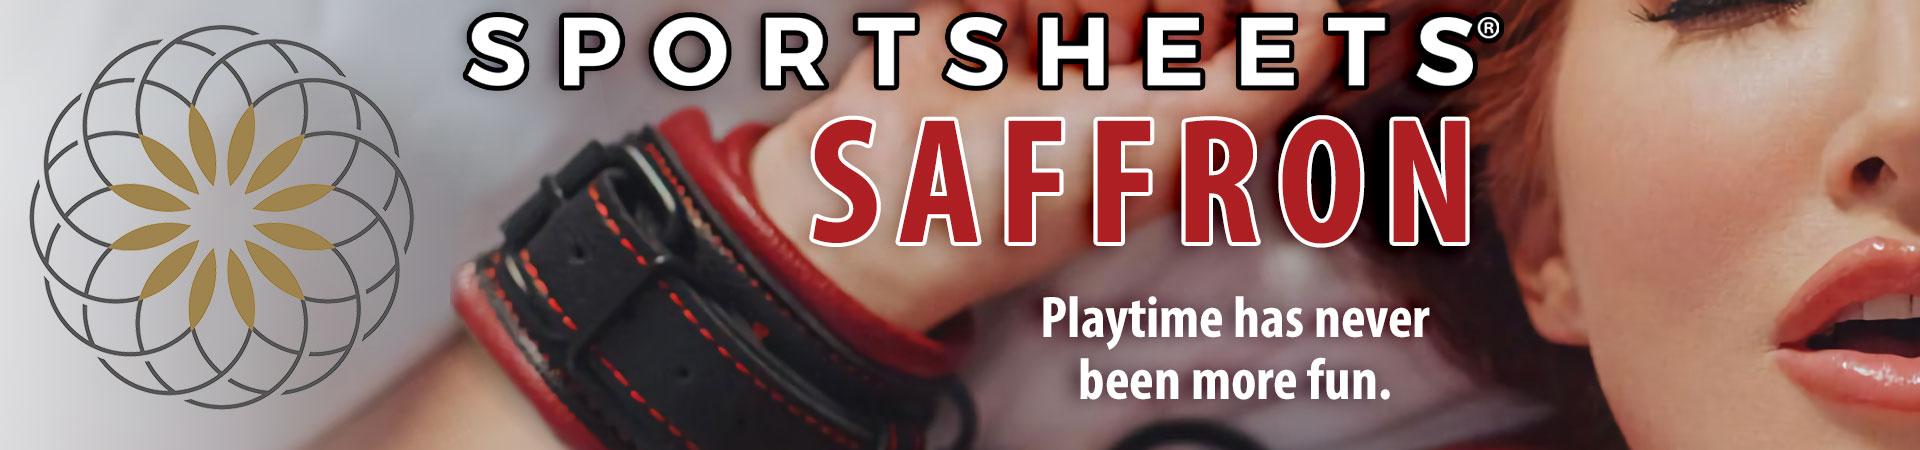 New Sportsheets Saffron!